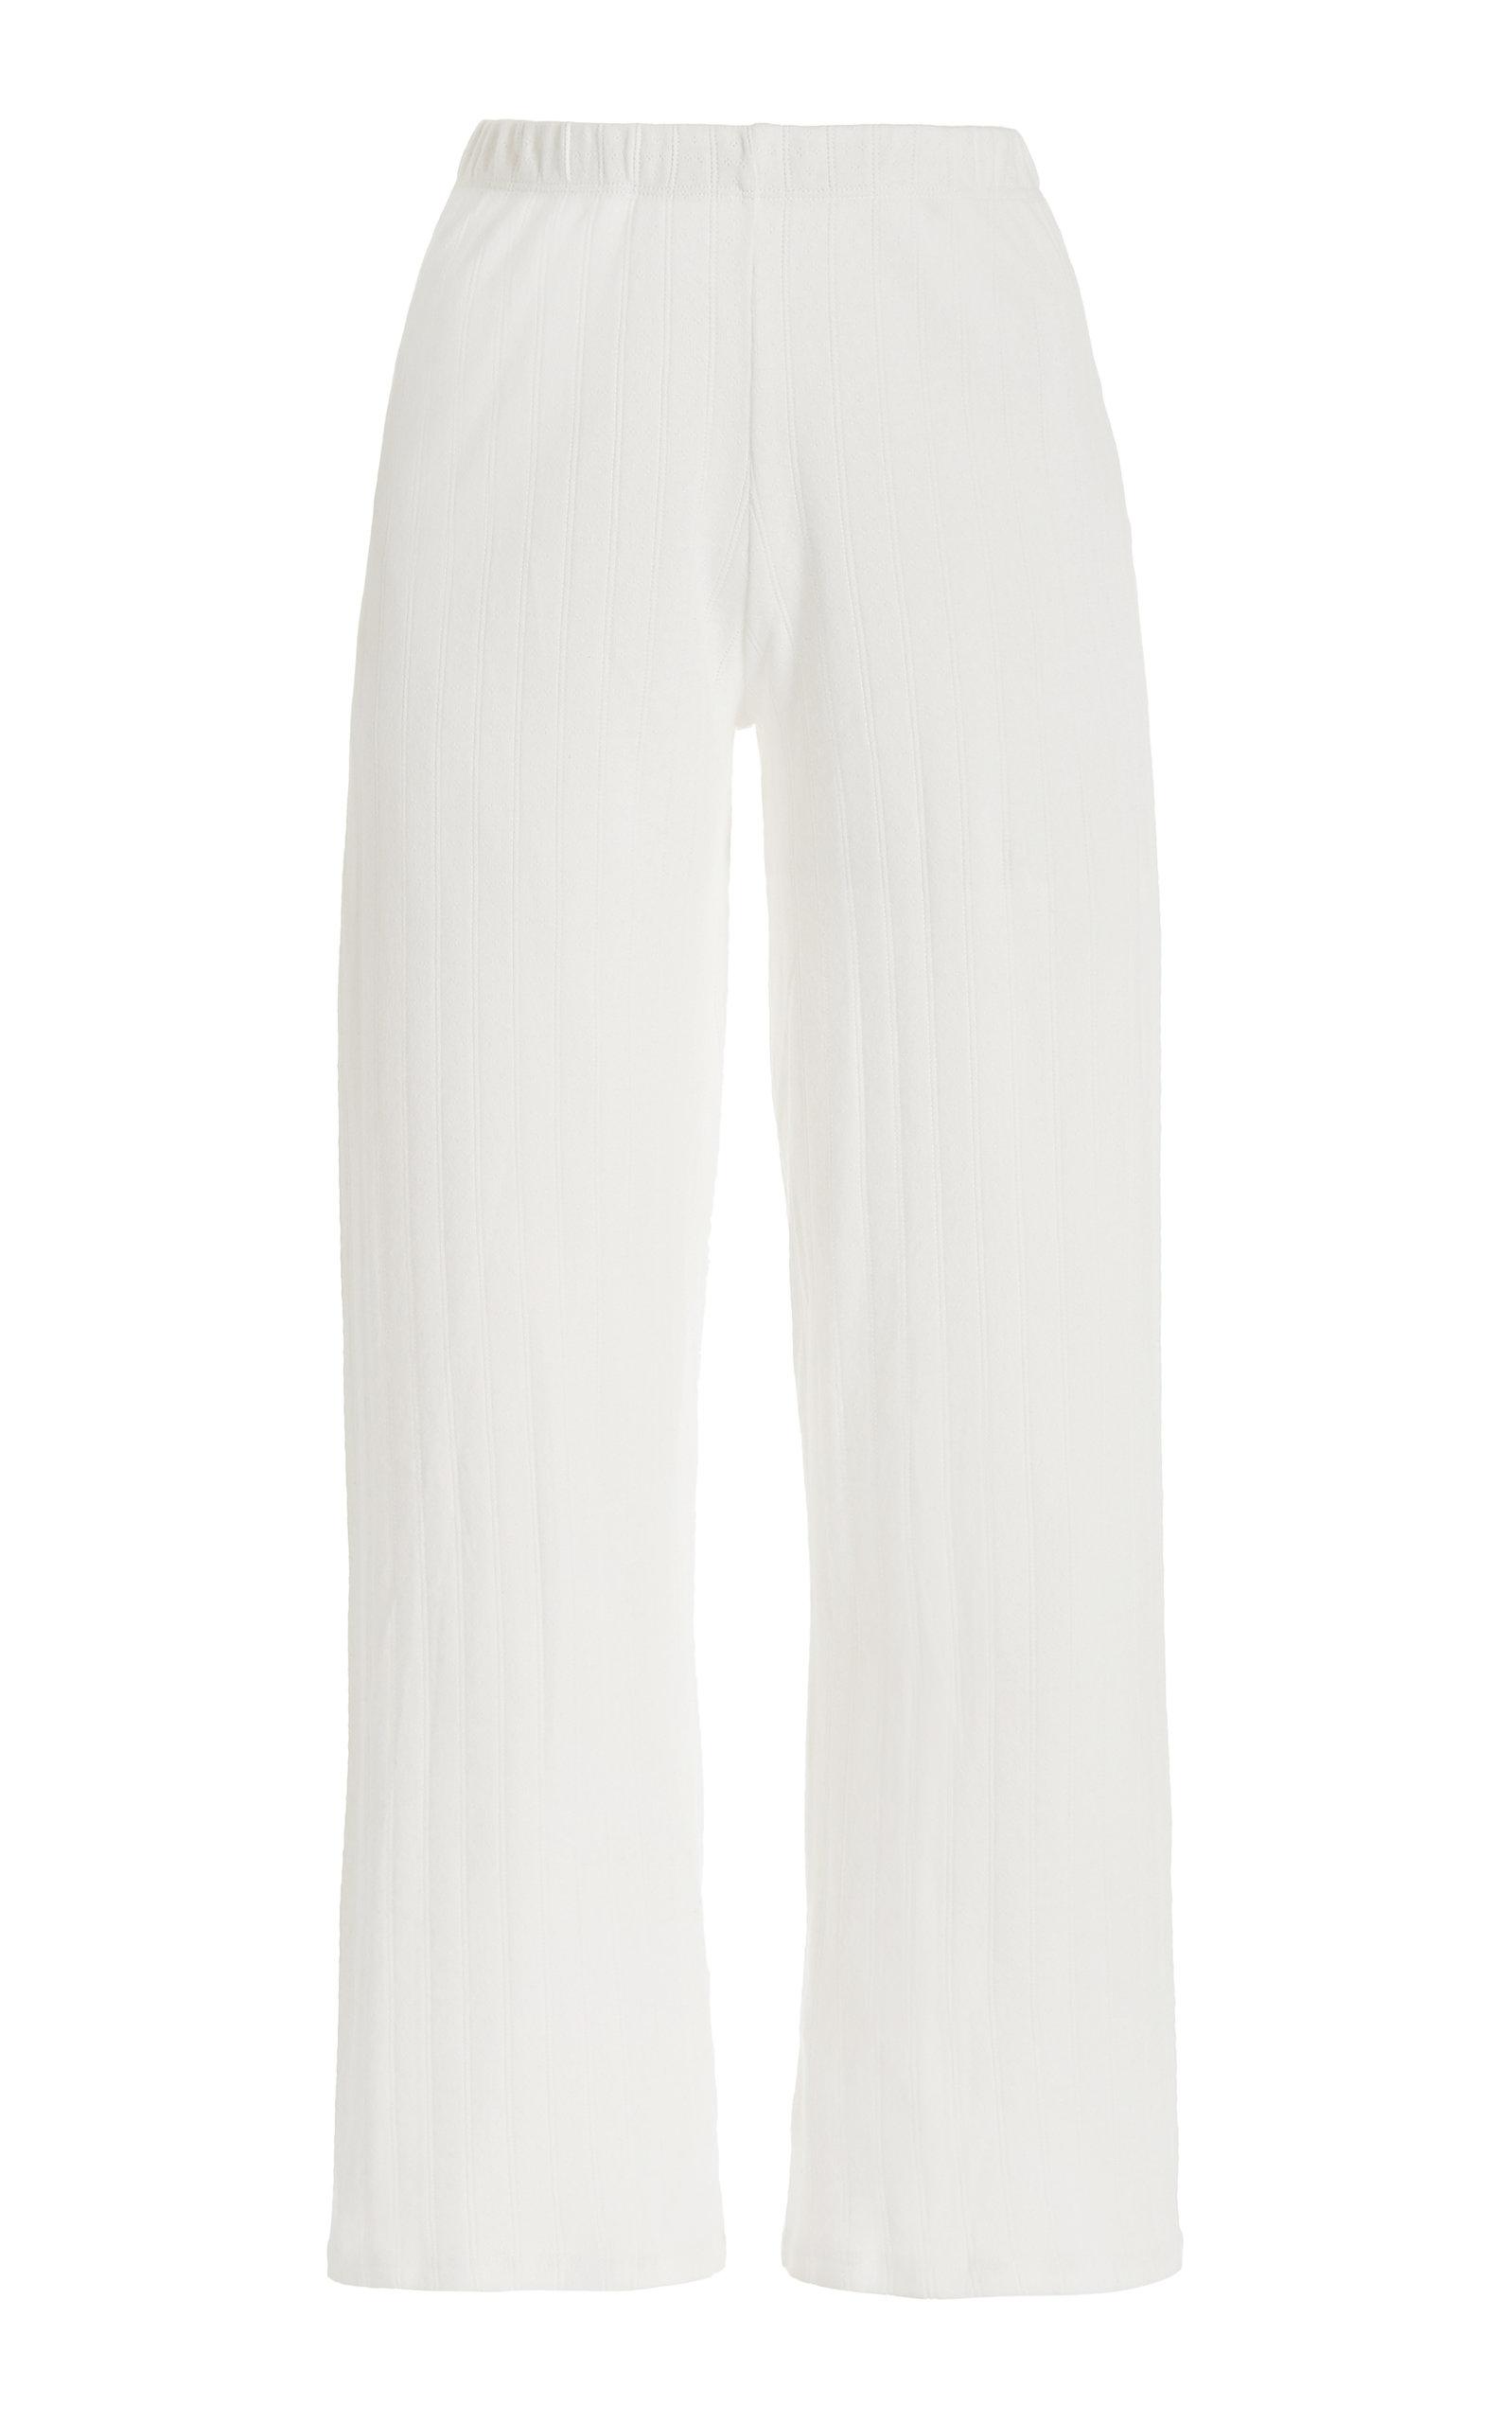 Women's Pointelle Burnout Cropped Cotton Pants